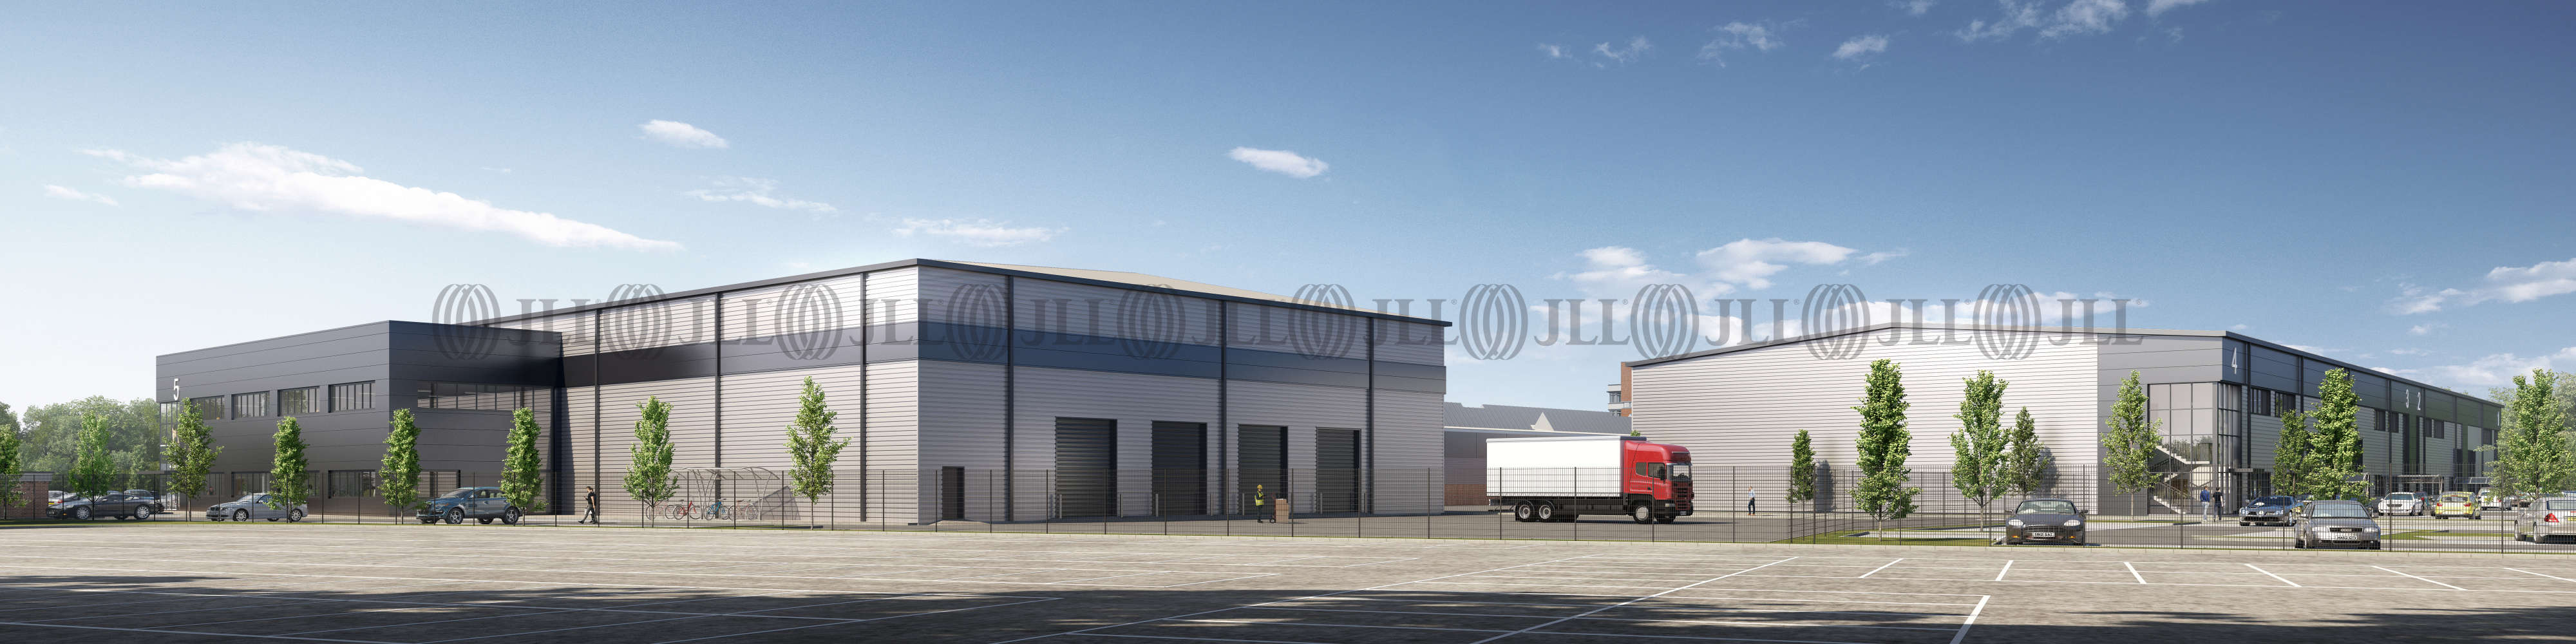 Industrial Poole, BH17 0LA - Unit 5 Fleets Corner Business Park - 181016